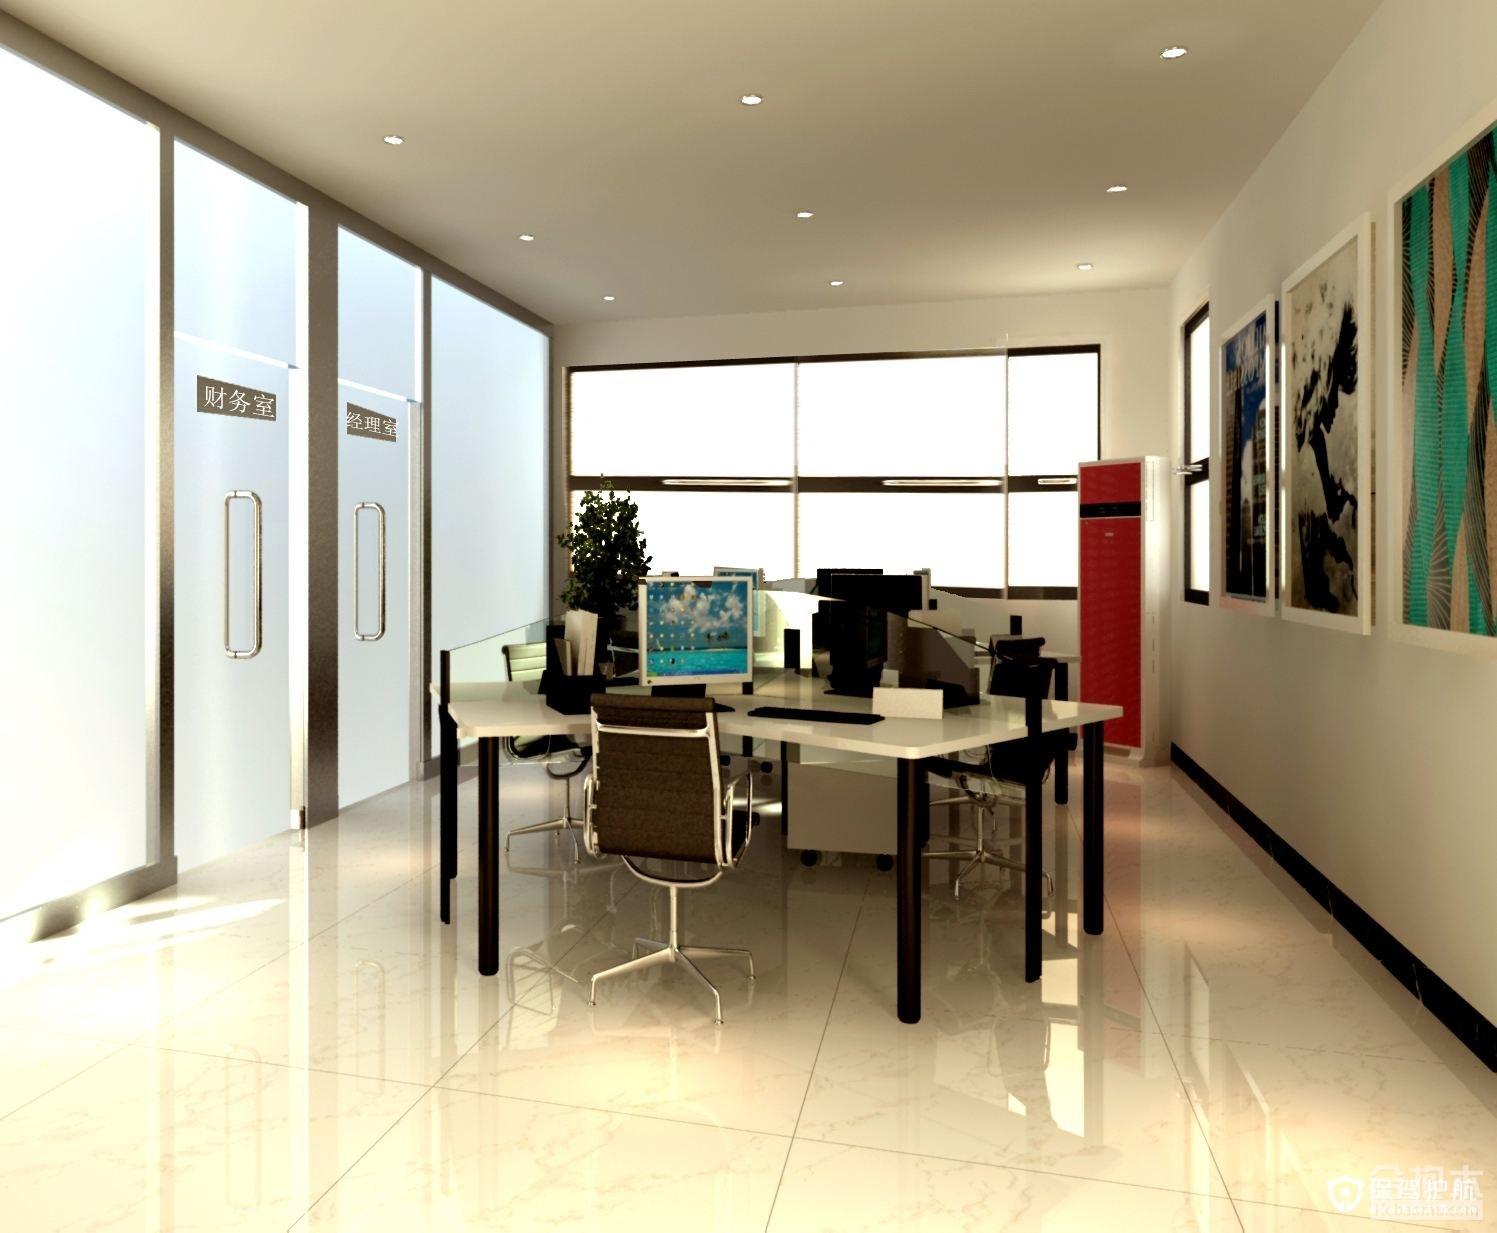 裝飾公司,50平米辦公室裝修圖,辦公室裝修,